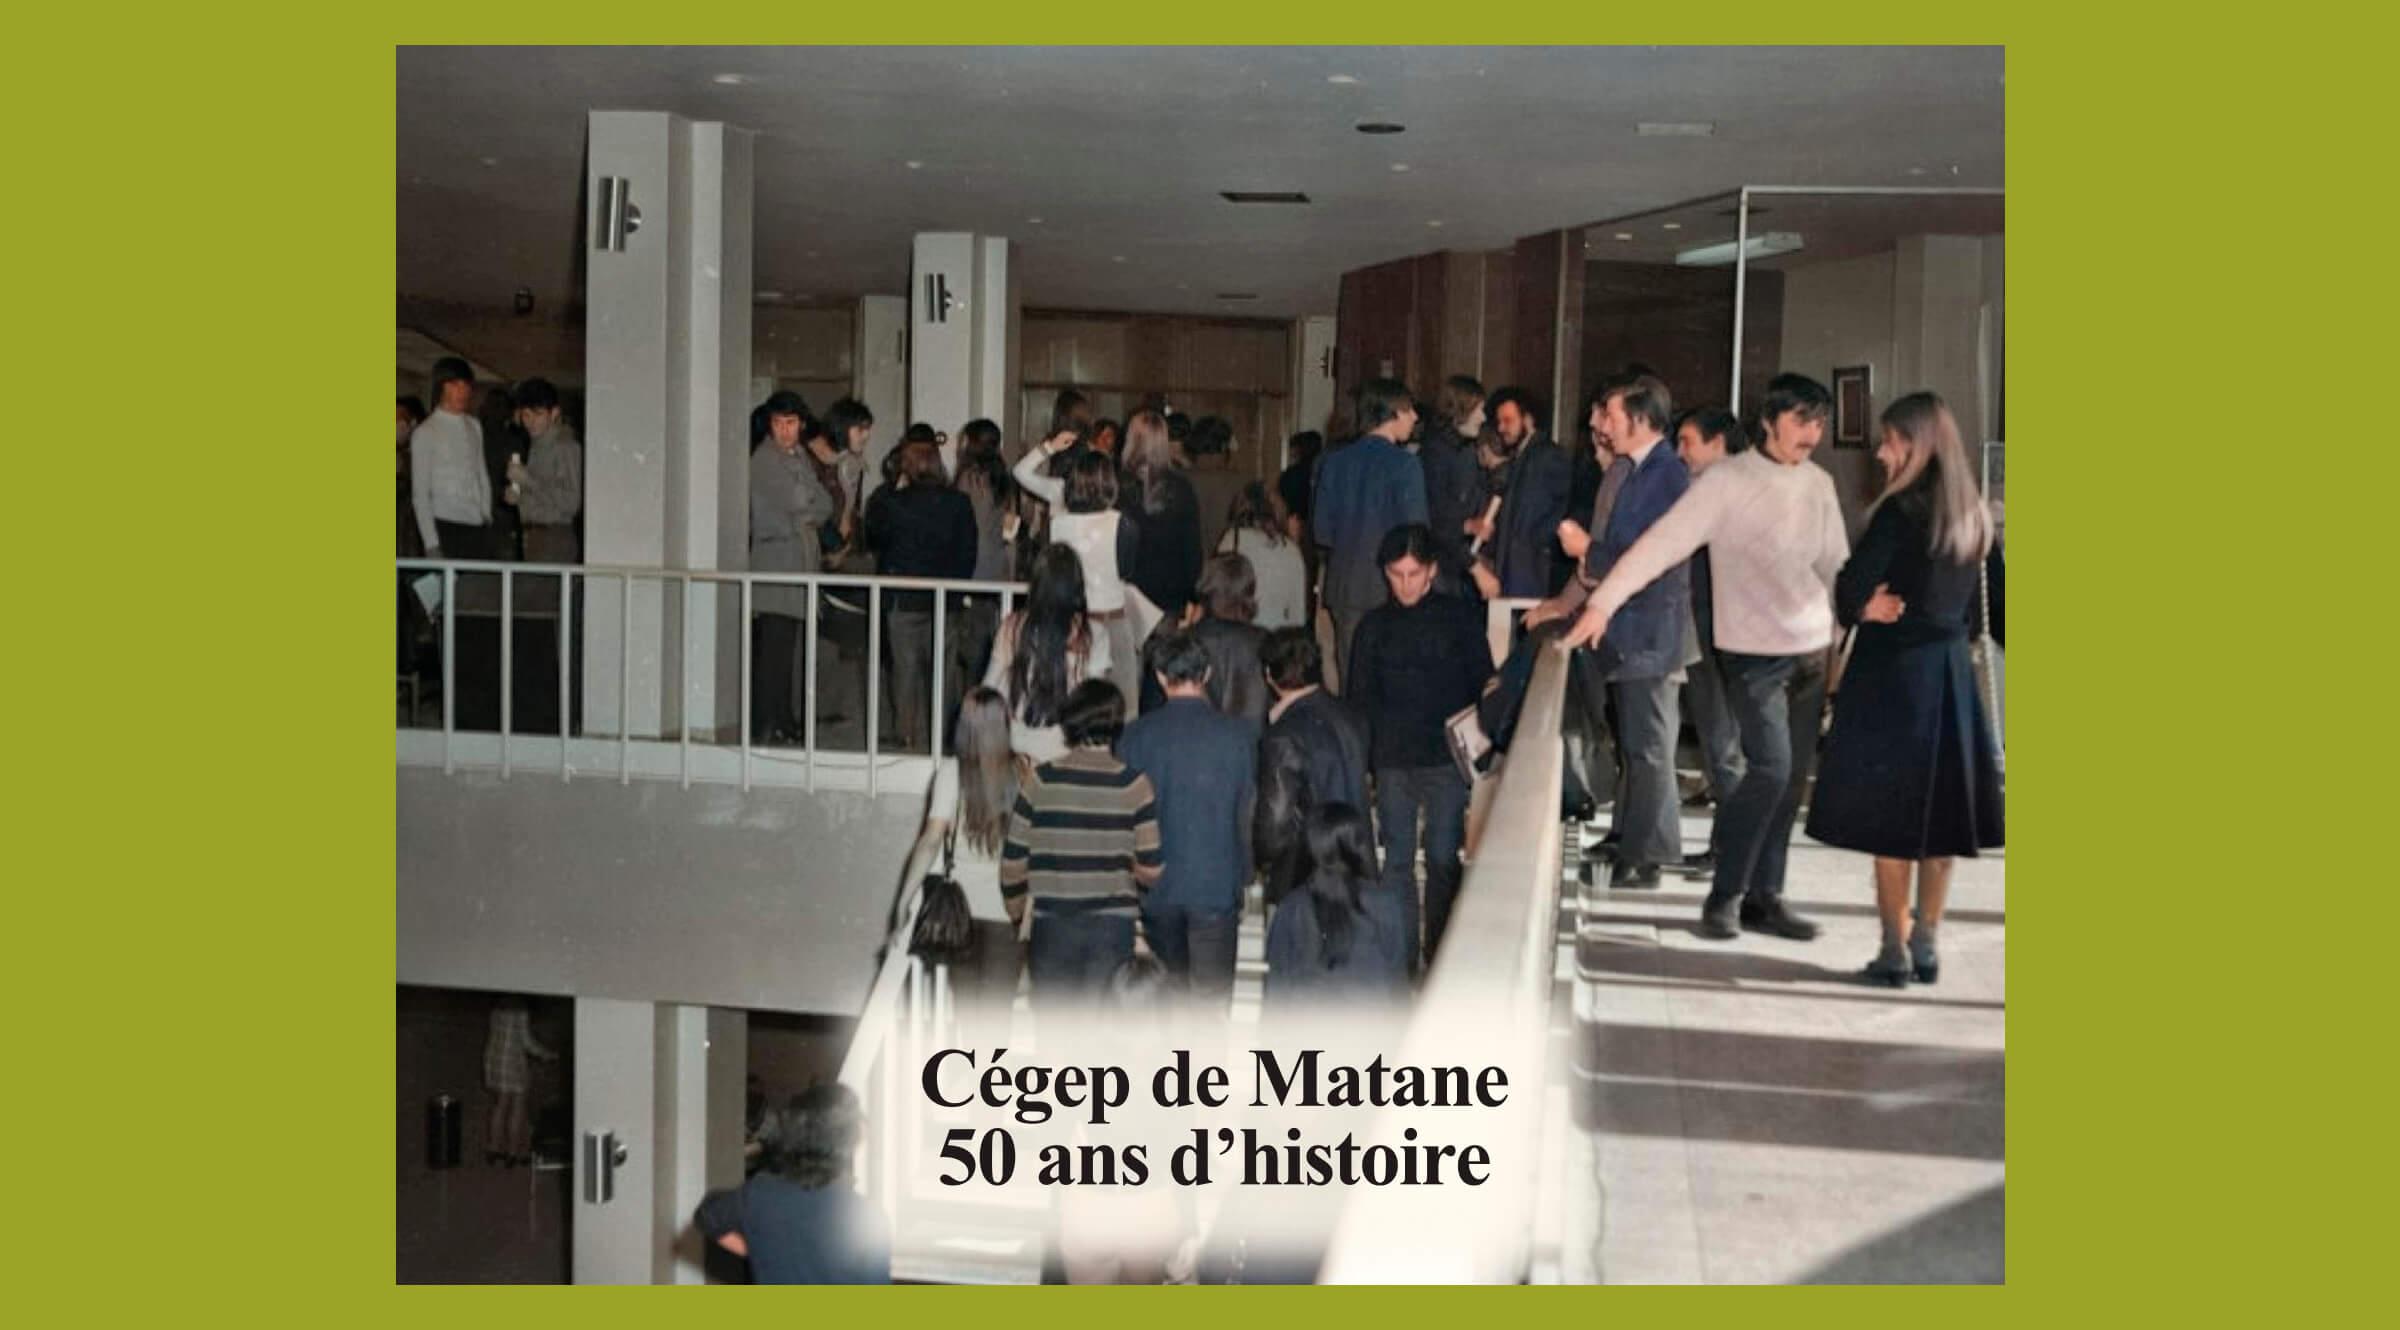 Le 109e numéro d'Au pays de Matane souligne les 50 ans du Cégep de Matane